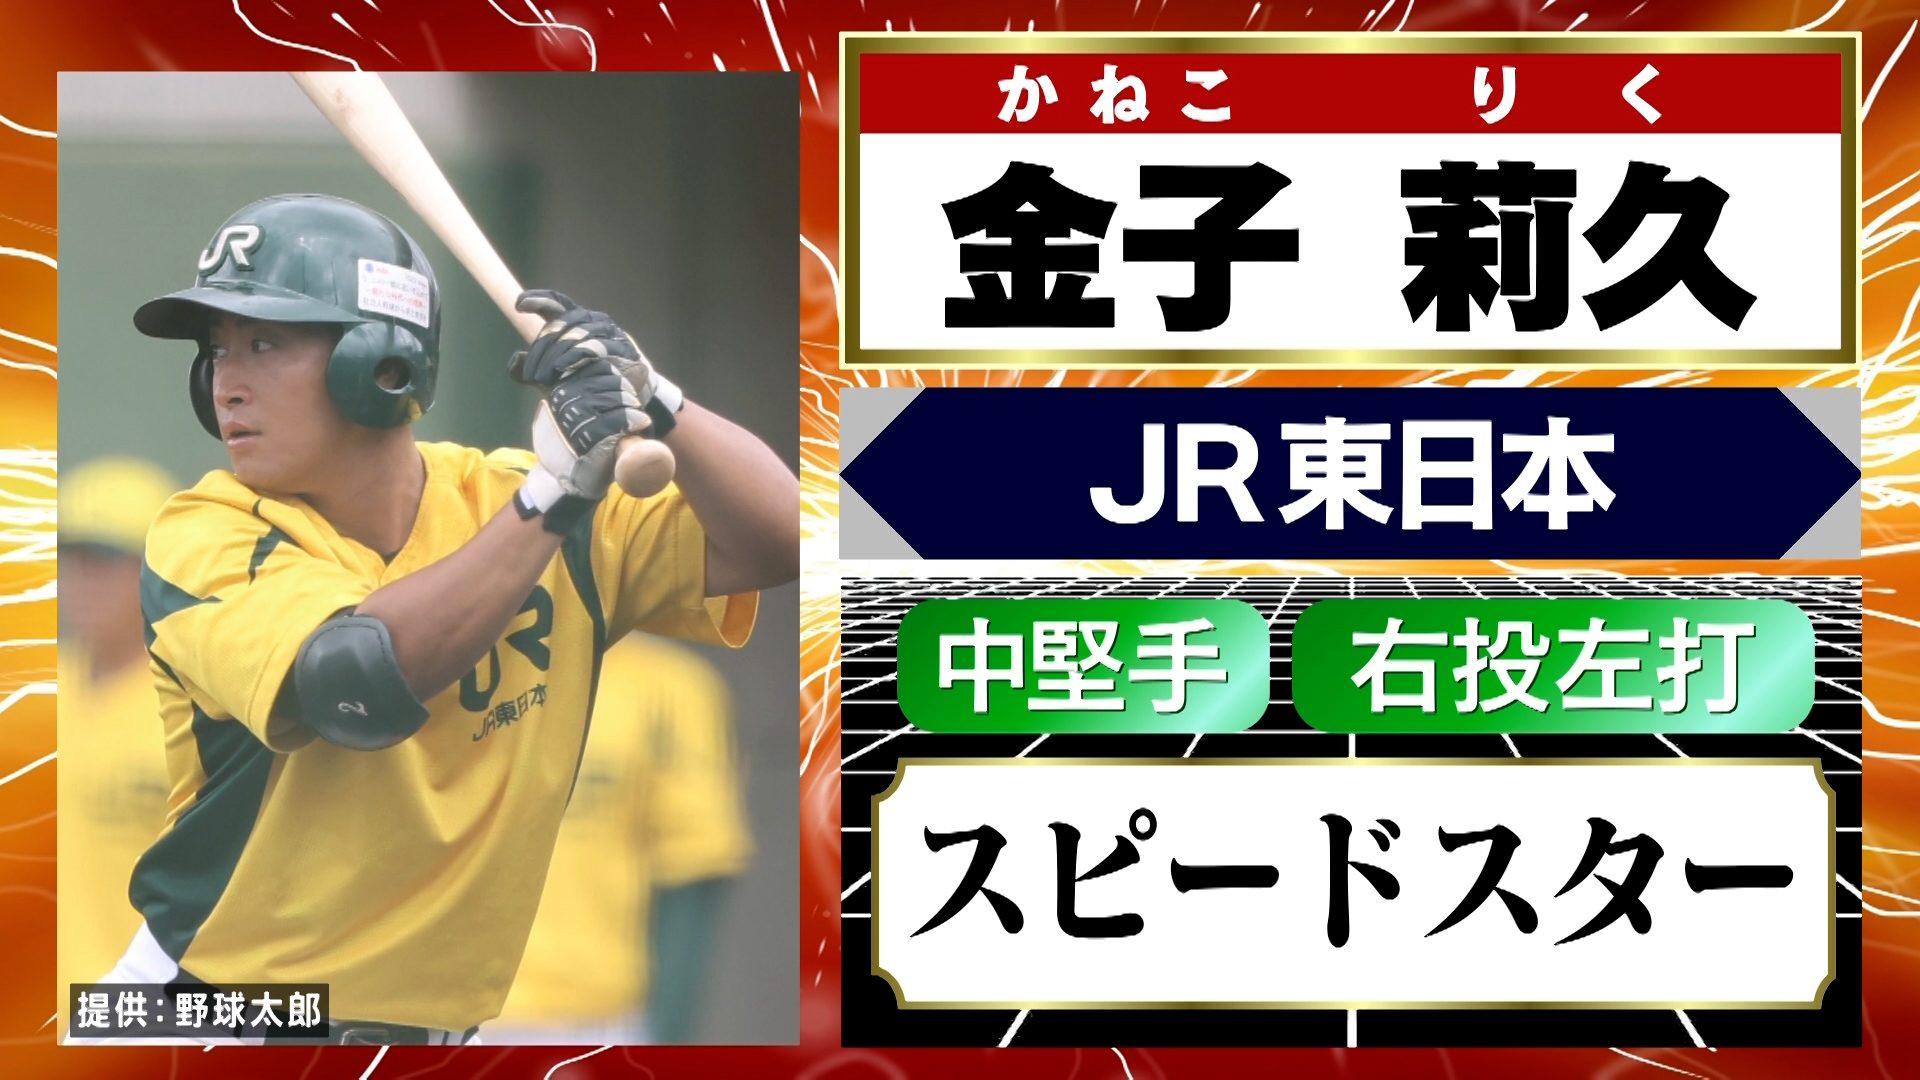 金子莉久選手(JR東日本)